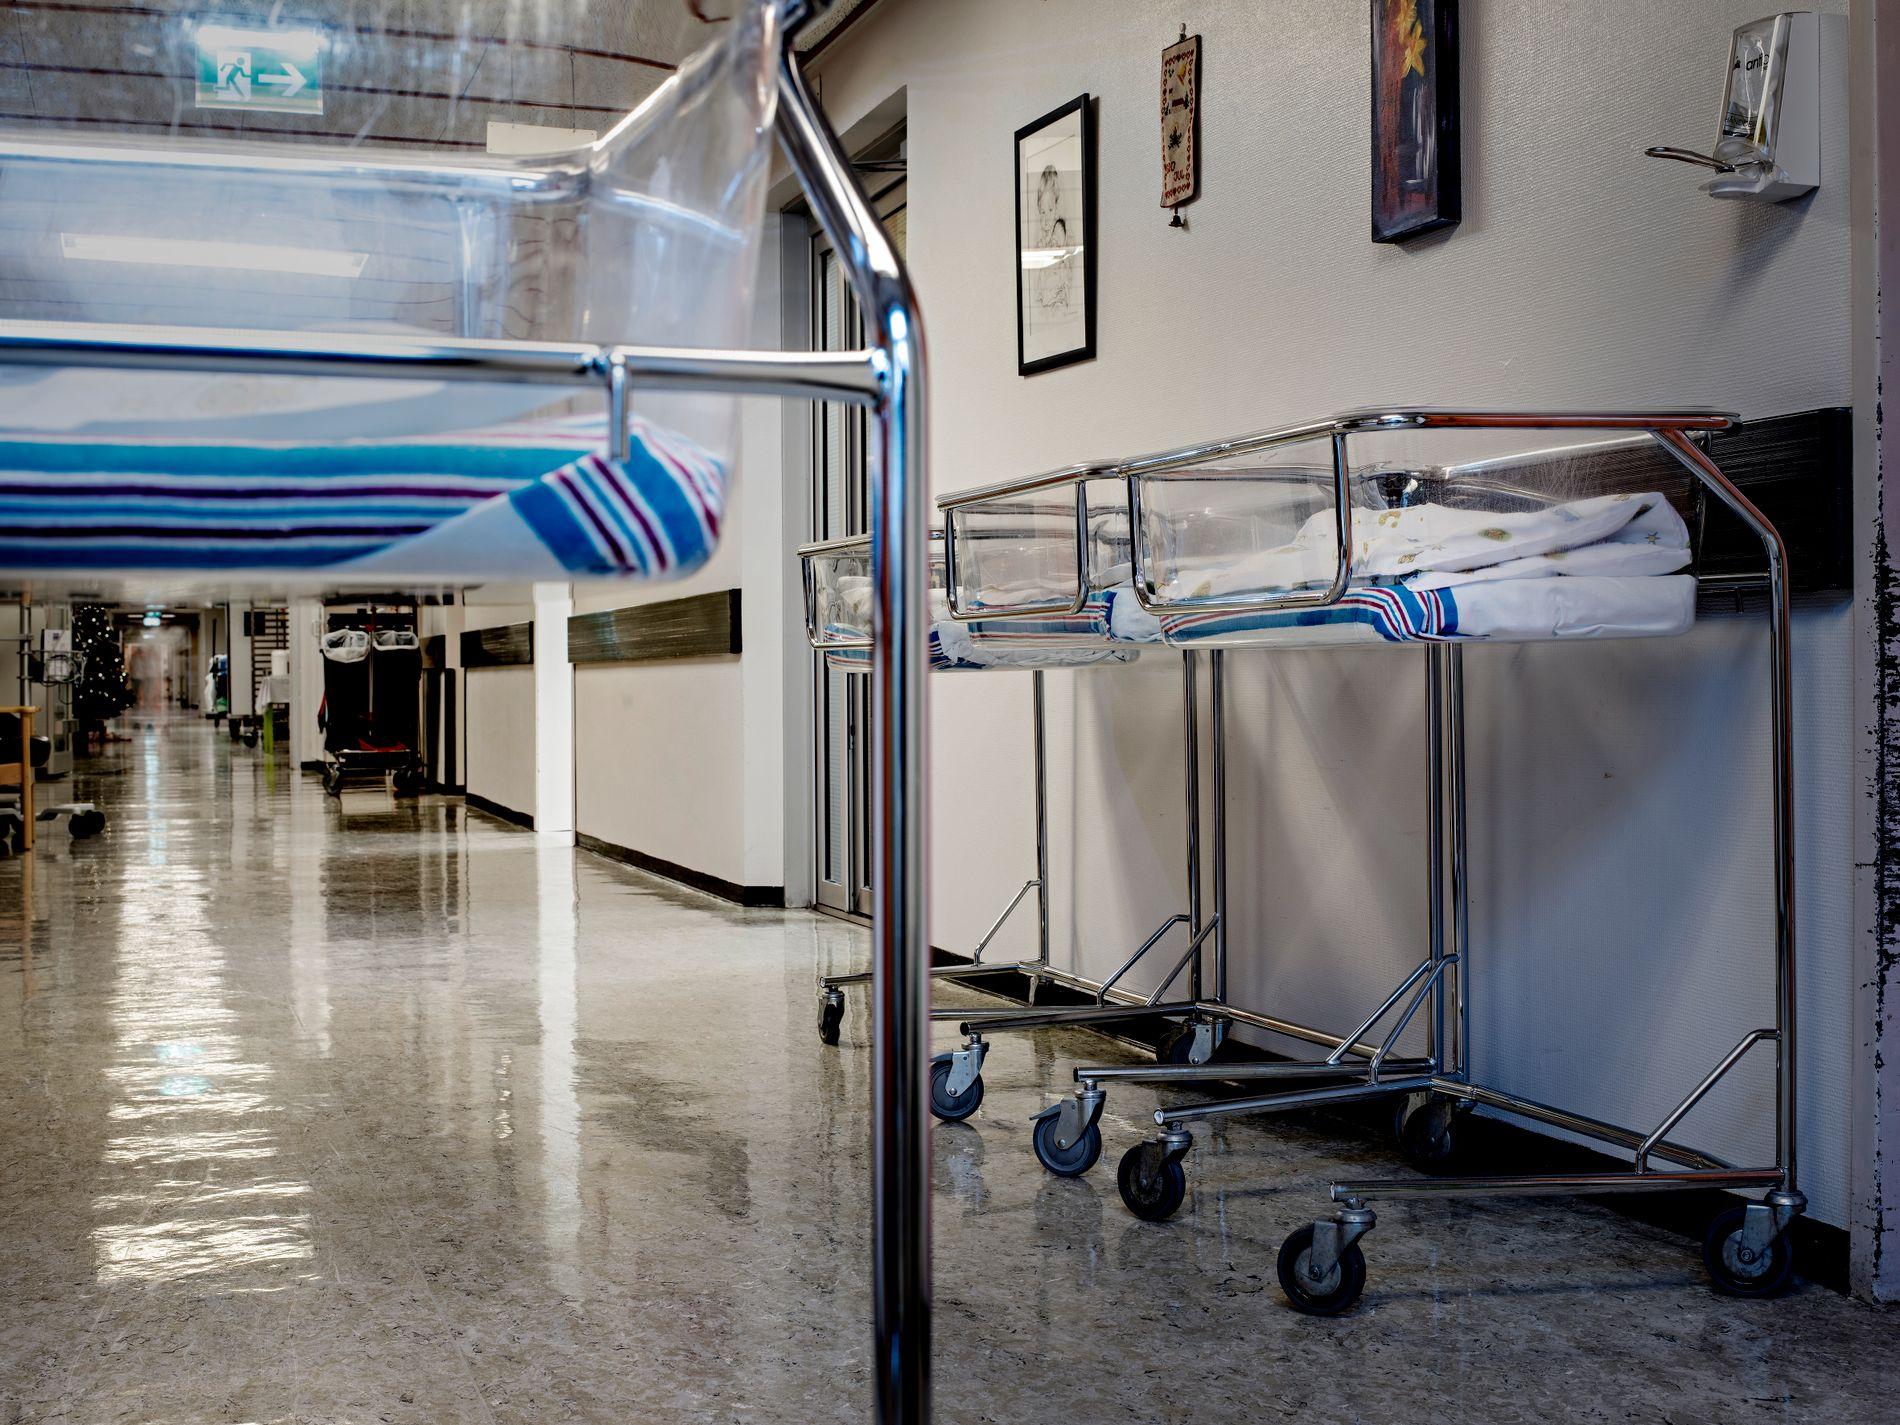 SAMLEBÅND: Kvinneklinikken i Bergen tar imot nær 5000 fødsler i året. Oppfølgingen på så store enheter kan raskt minne om en fabrikk, skriver innsenderne.